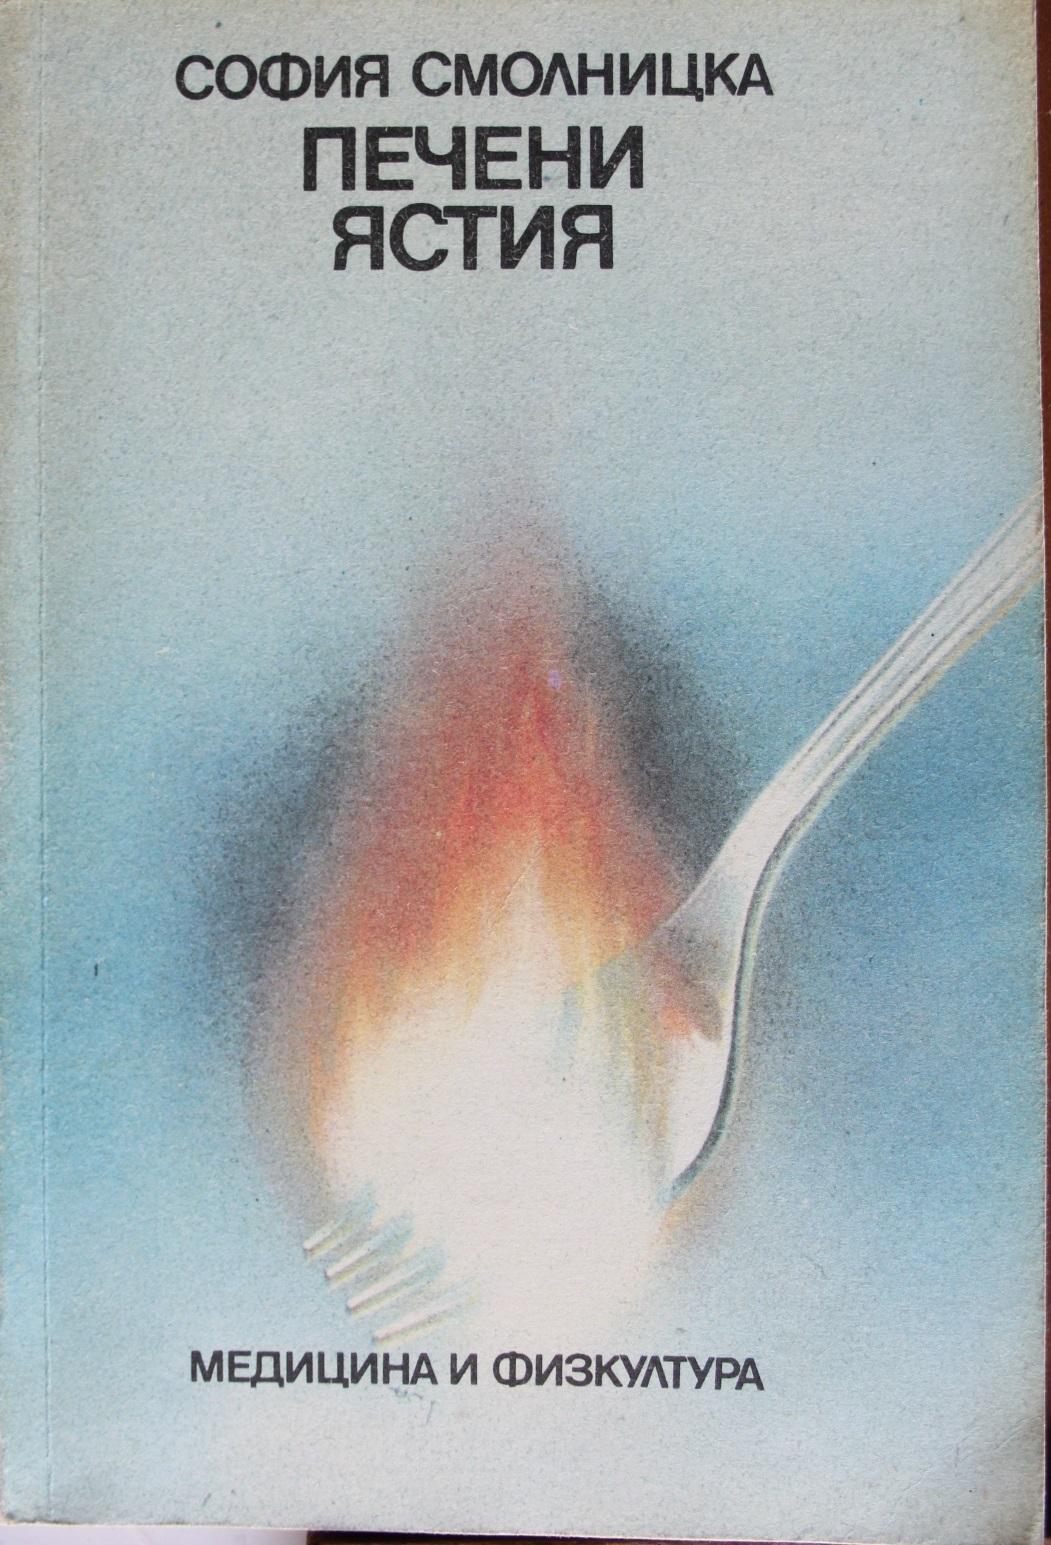 Печени ястия